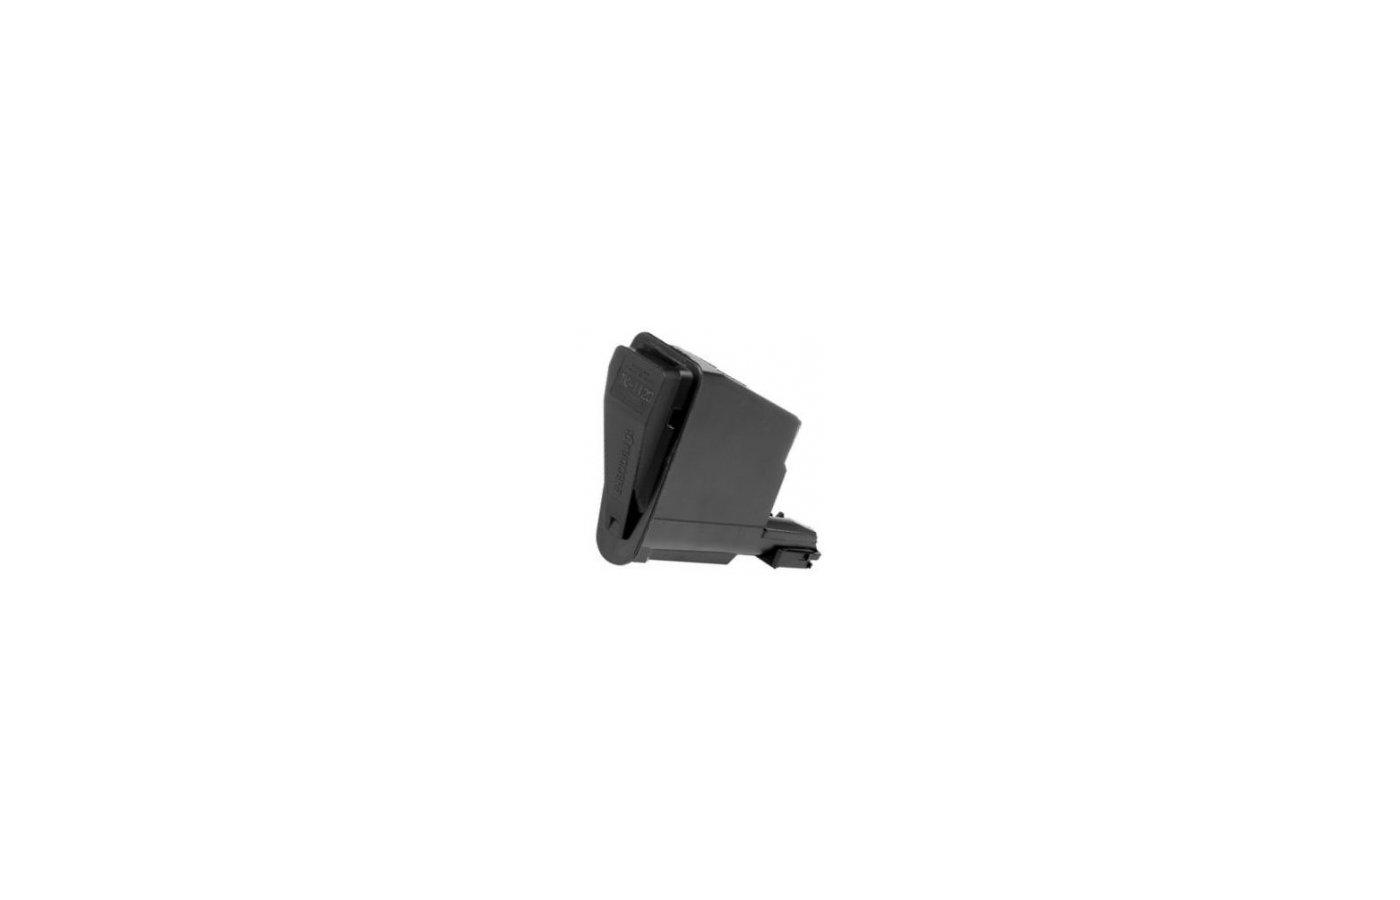 Картридж лазерный GG NT-TK1120 Совместимый для Kyocera FS-1060/1025MFP/1125MFP (3000стр)